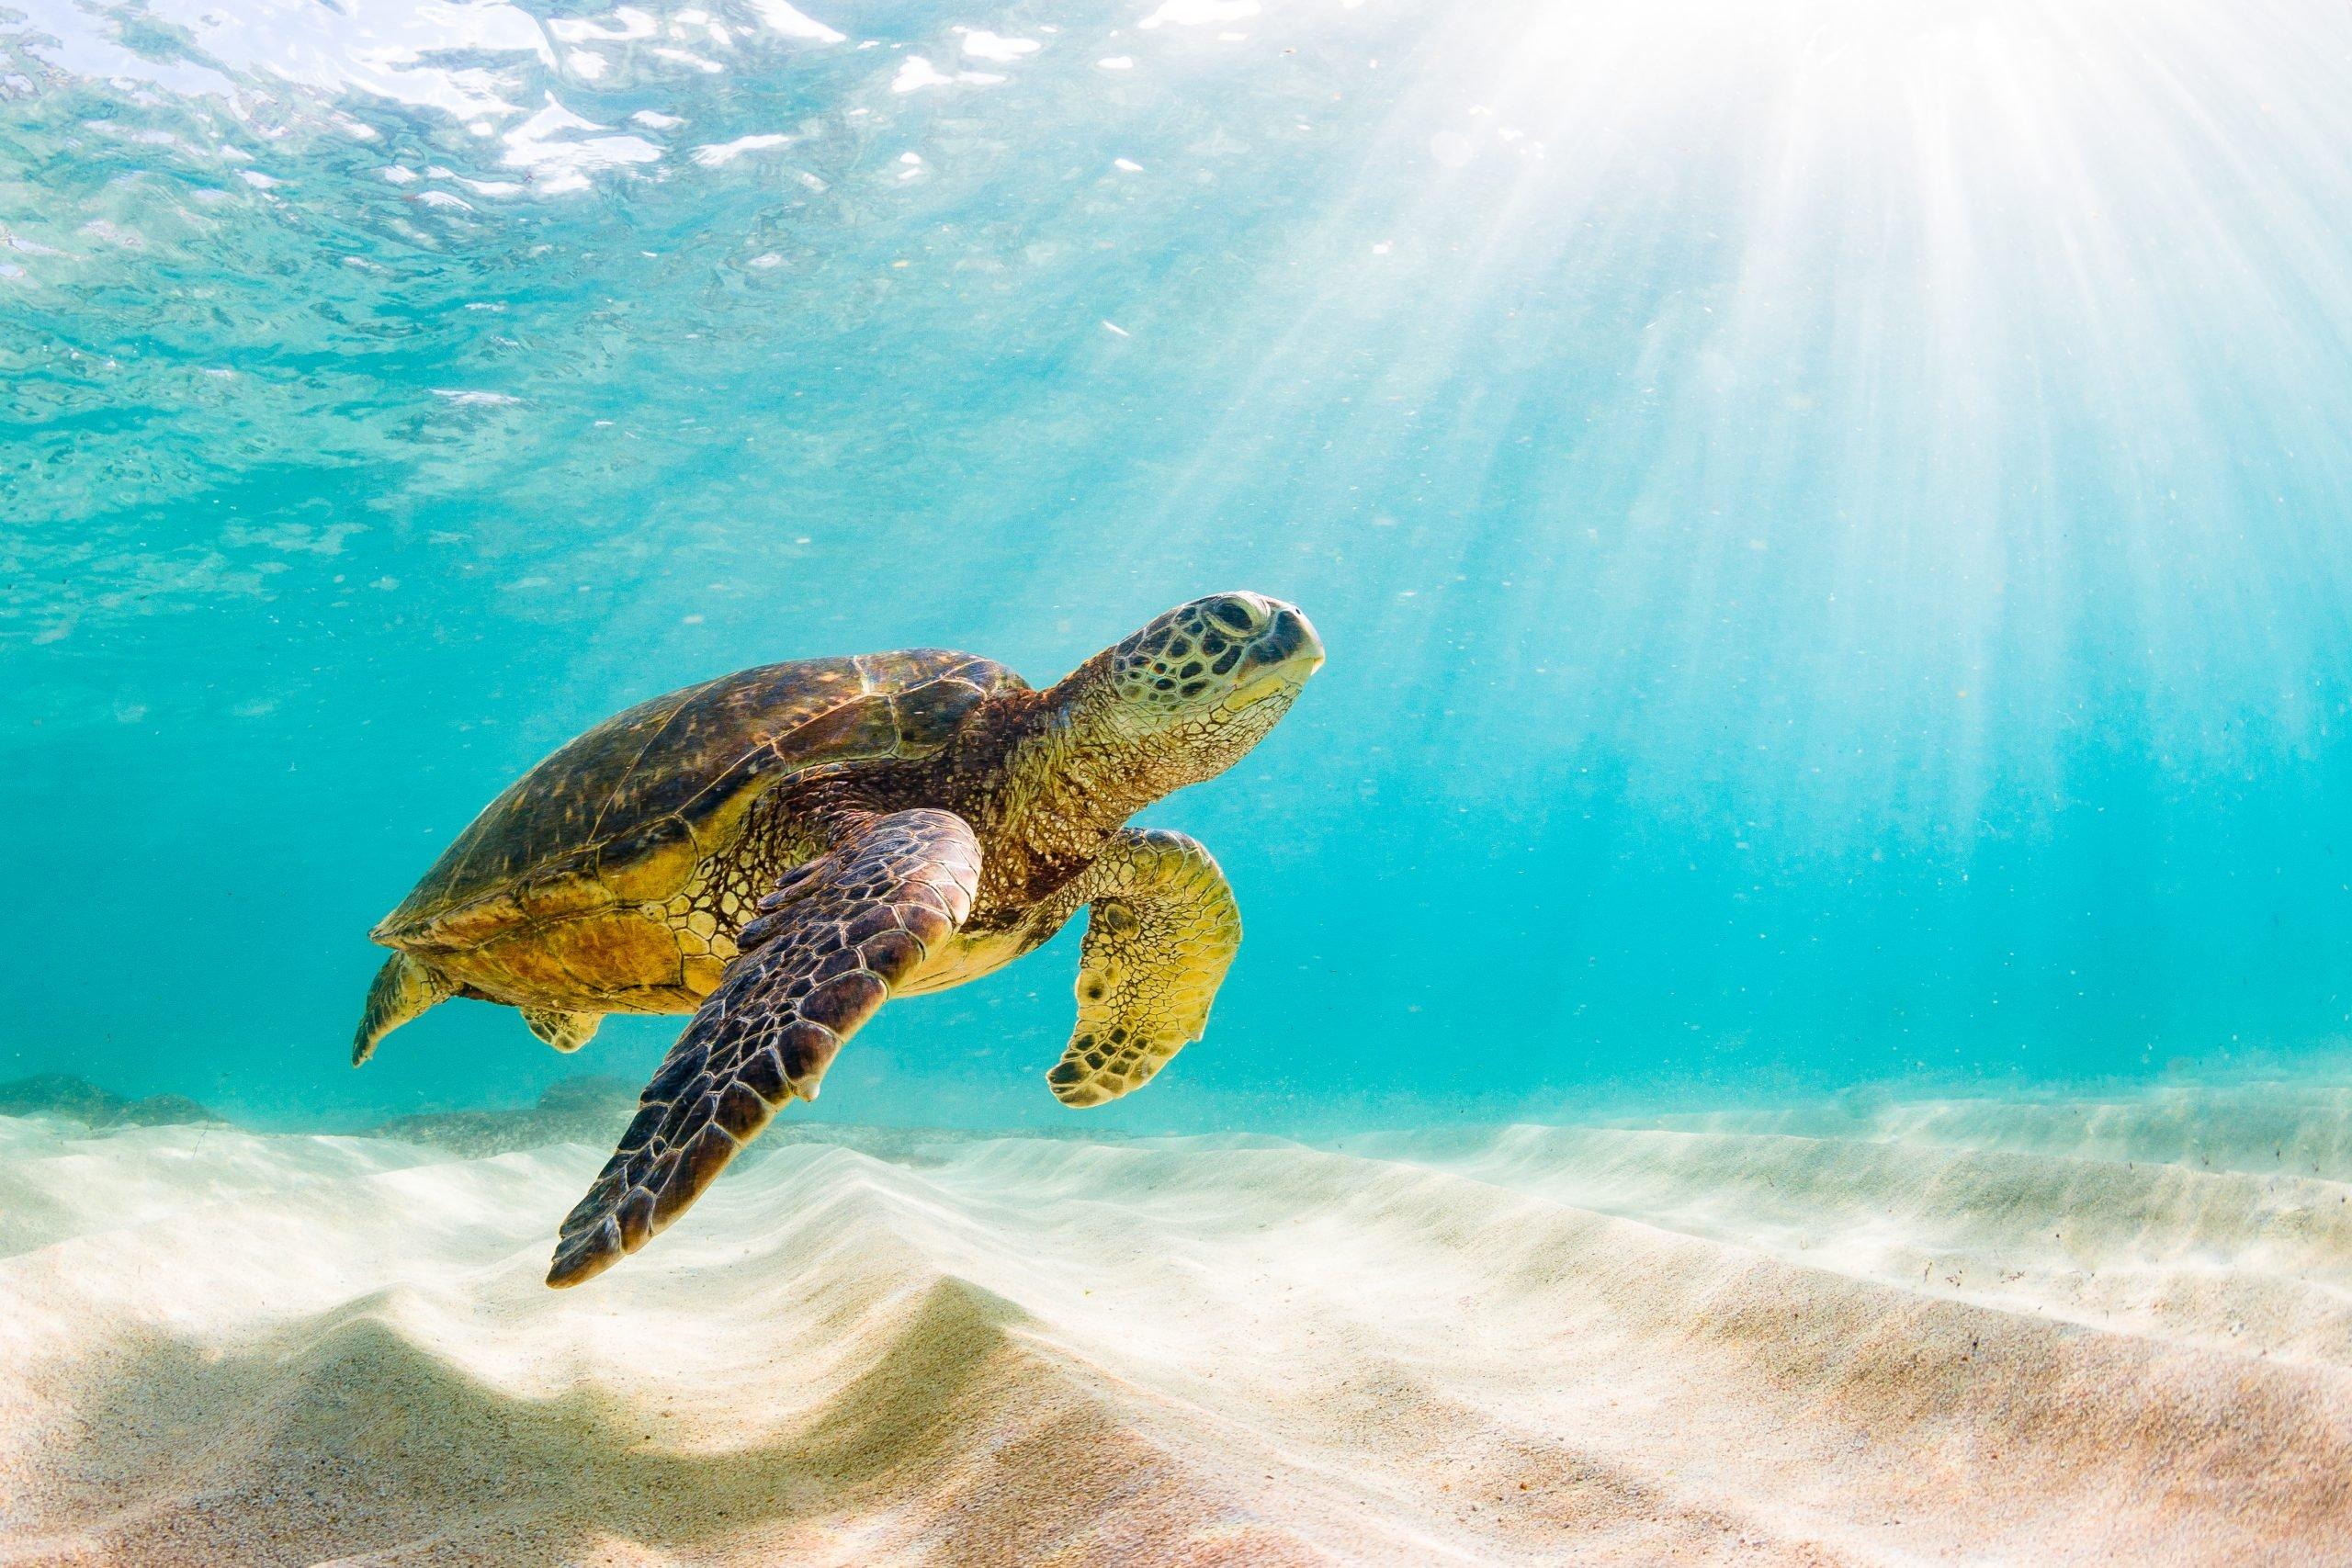 adult green turtles underwater